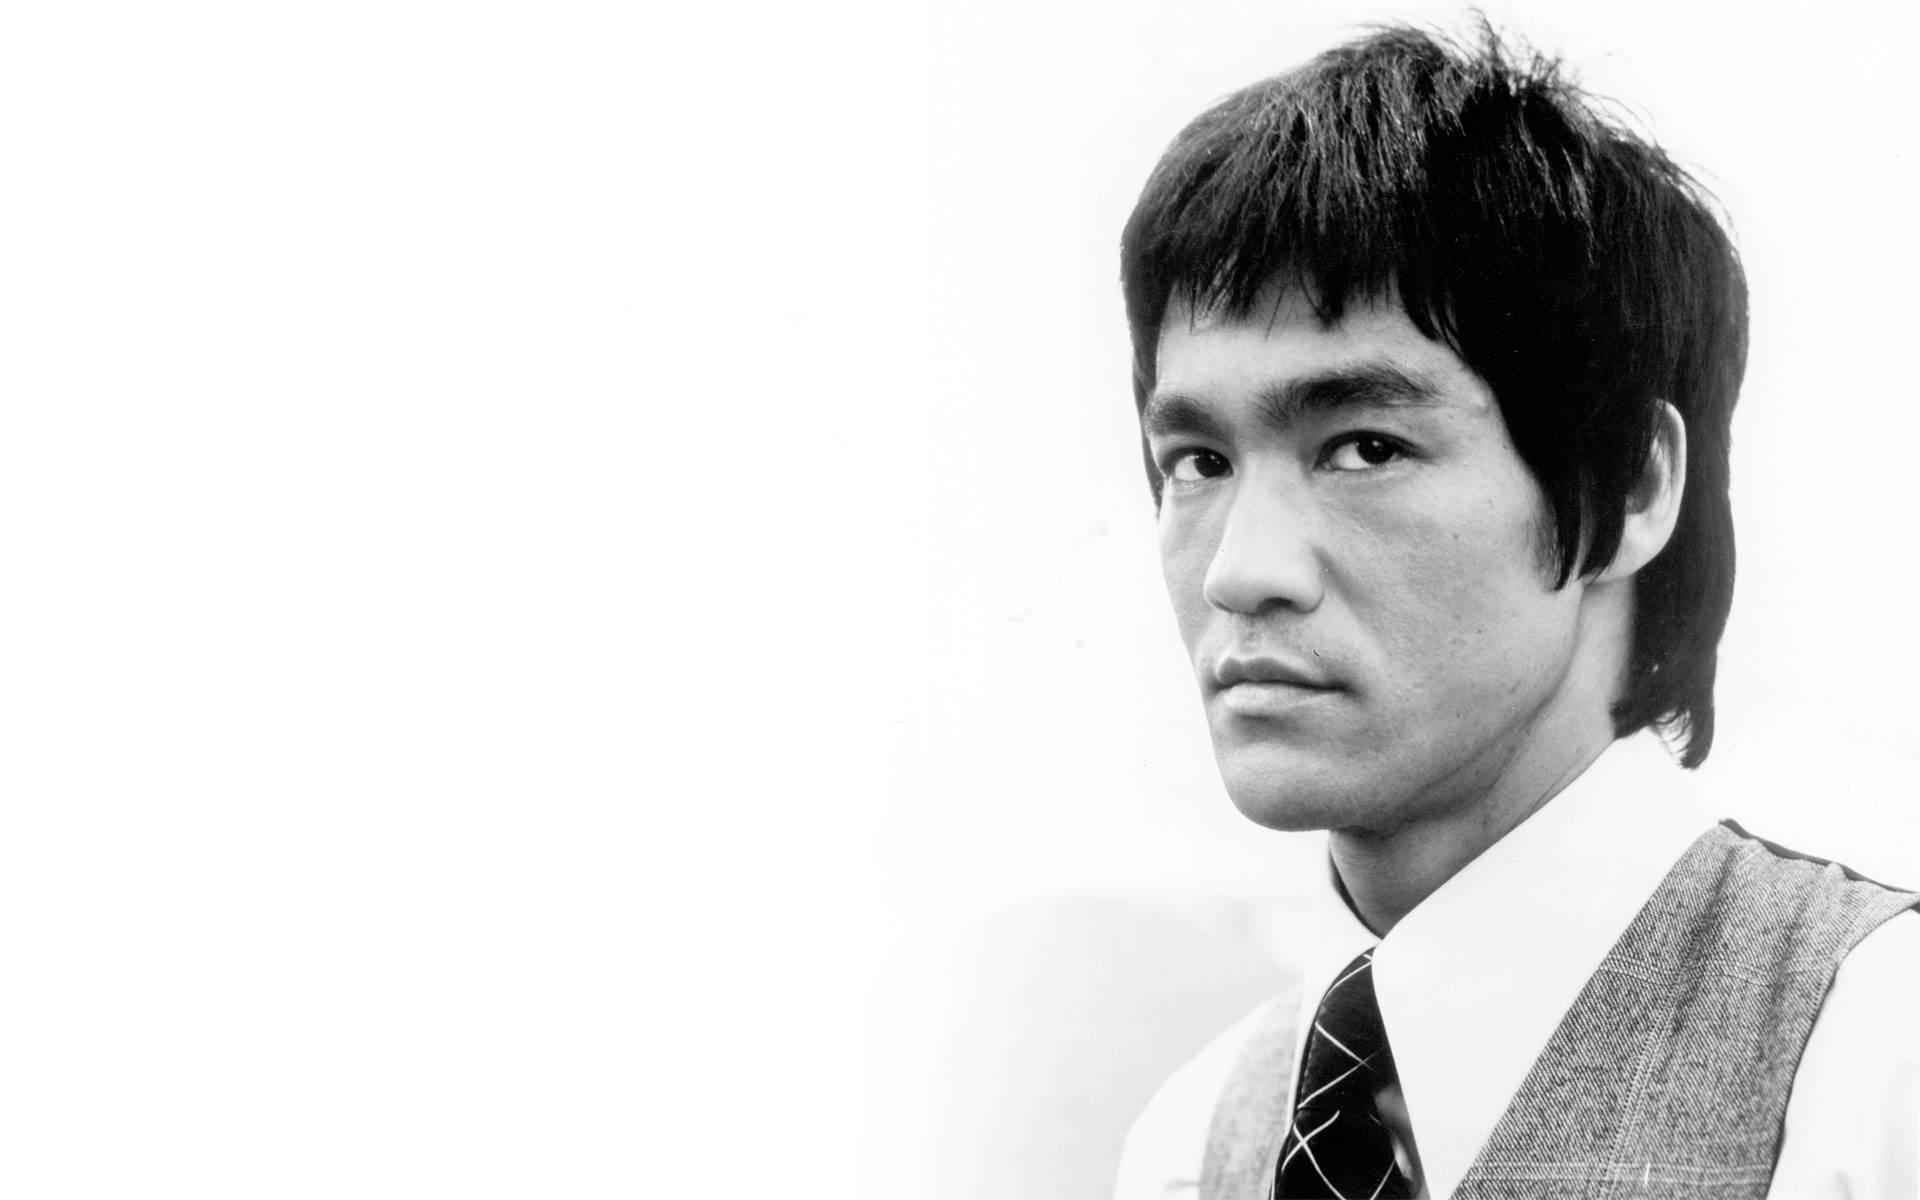 Bruce Lee - Bruce Lee Wallpaper (27015184) - Fanpop